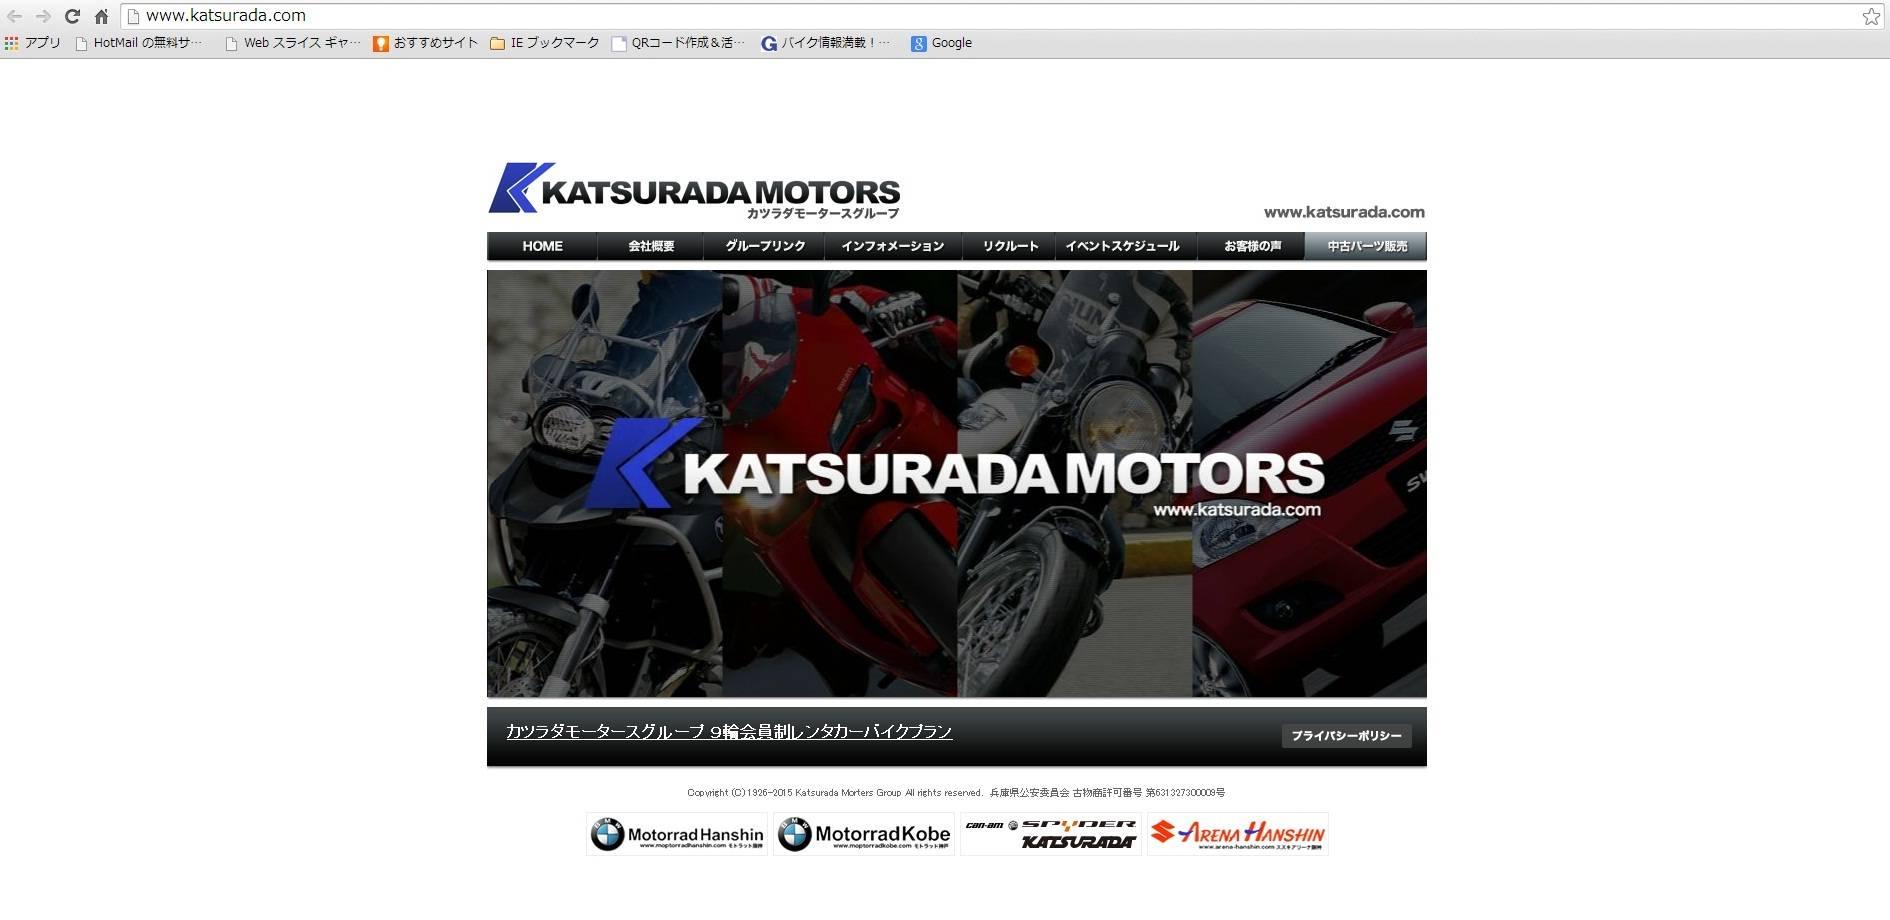 カツラダモータース (モトラッド阪神DUCATIコーナー)